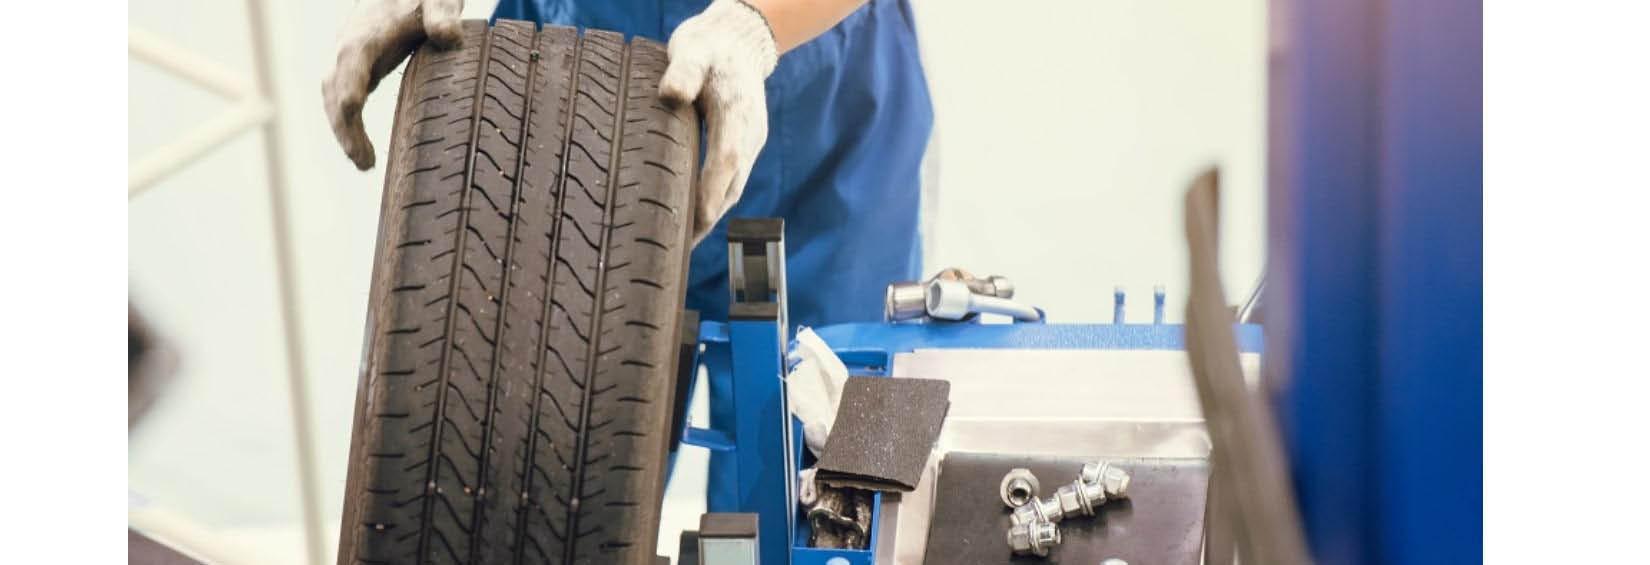 ab-team-auto-repair-tires-banner